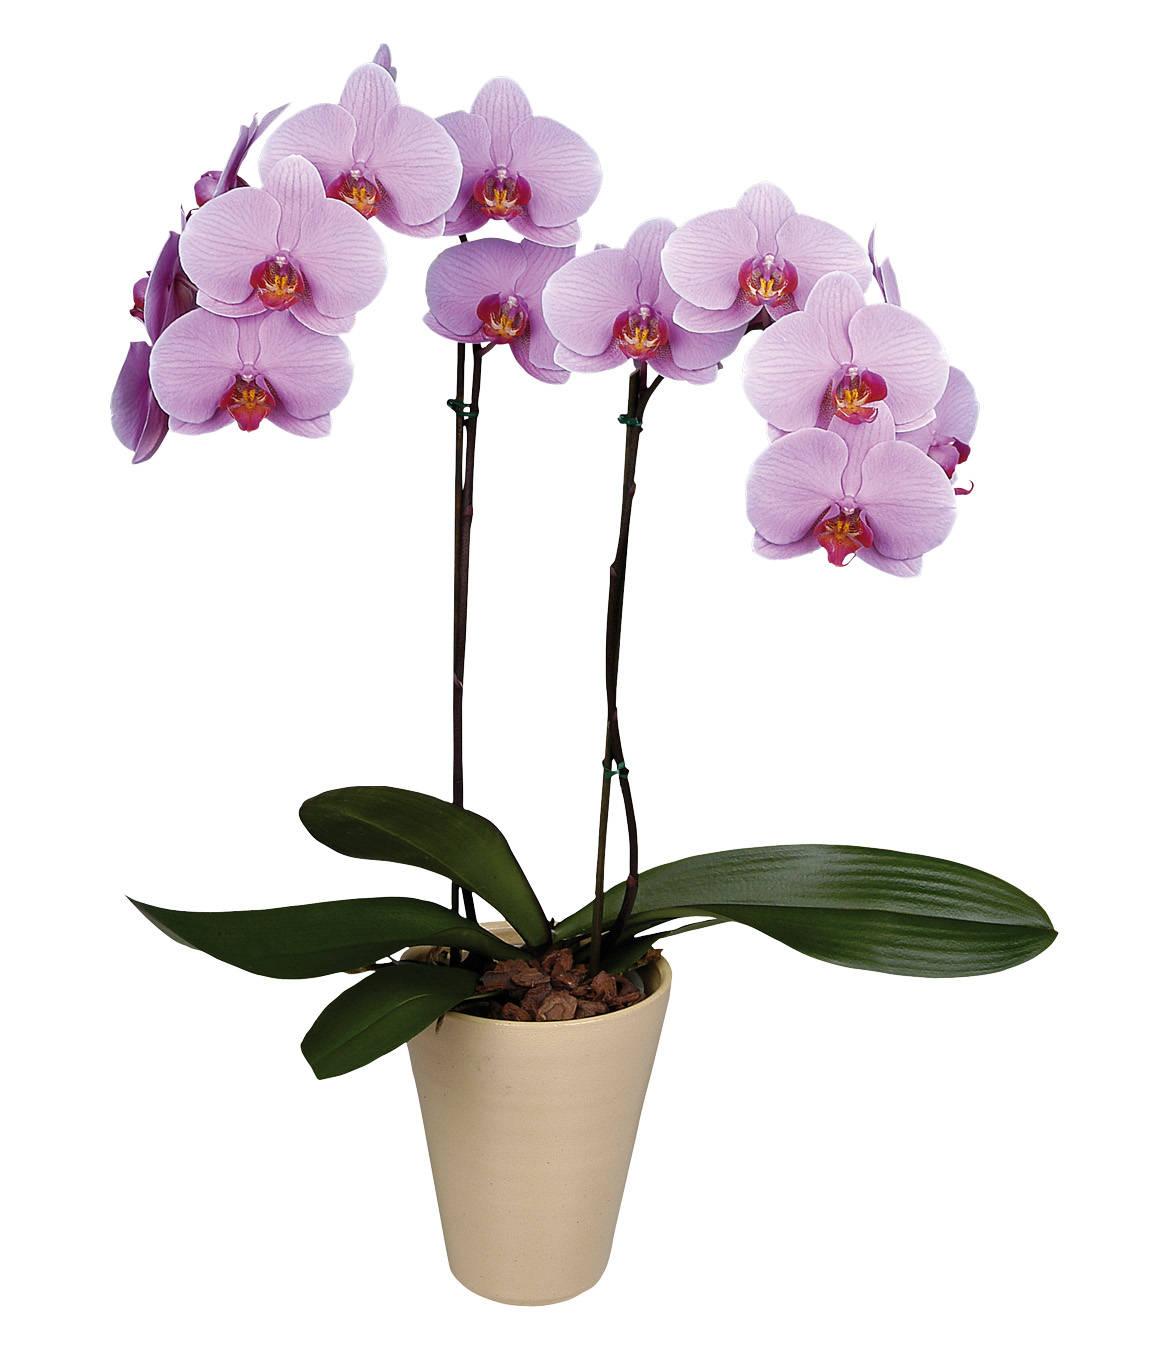 следующий картинки орхидей на ножке вопрос, надо обрезать